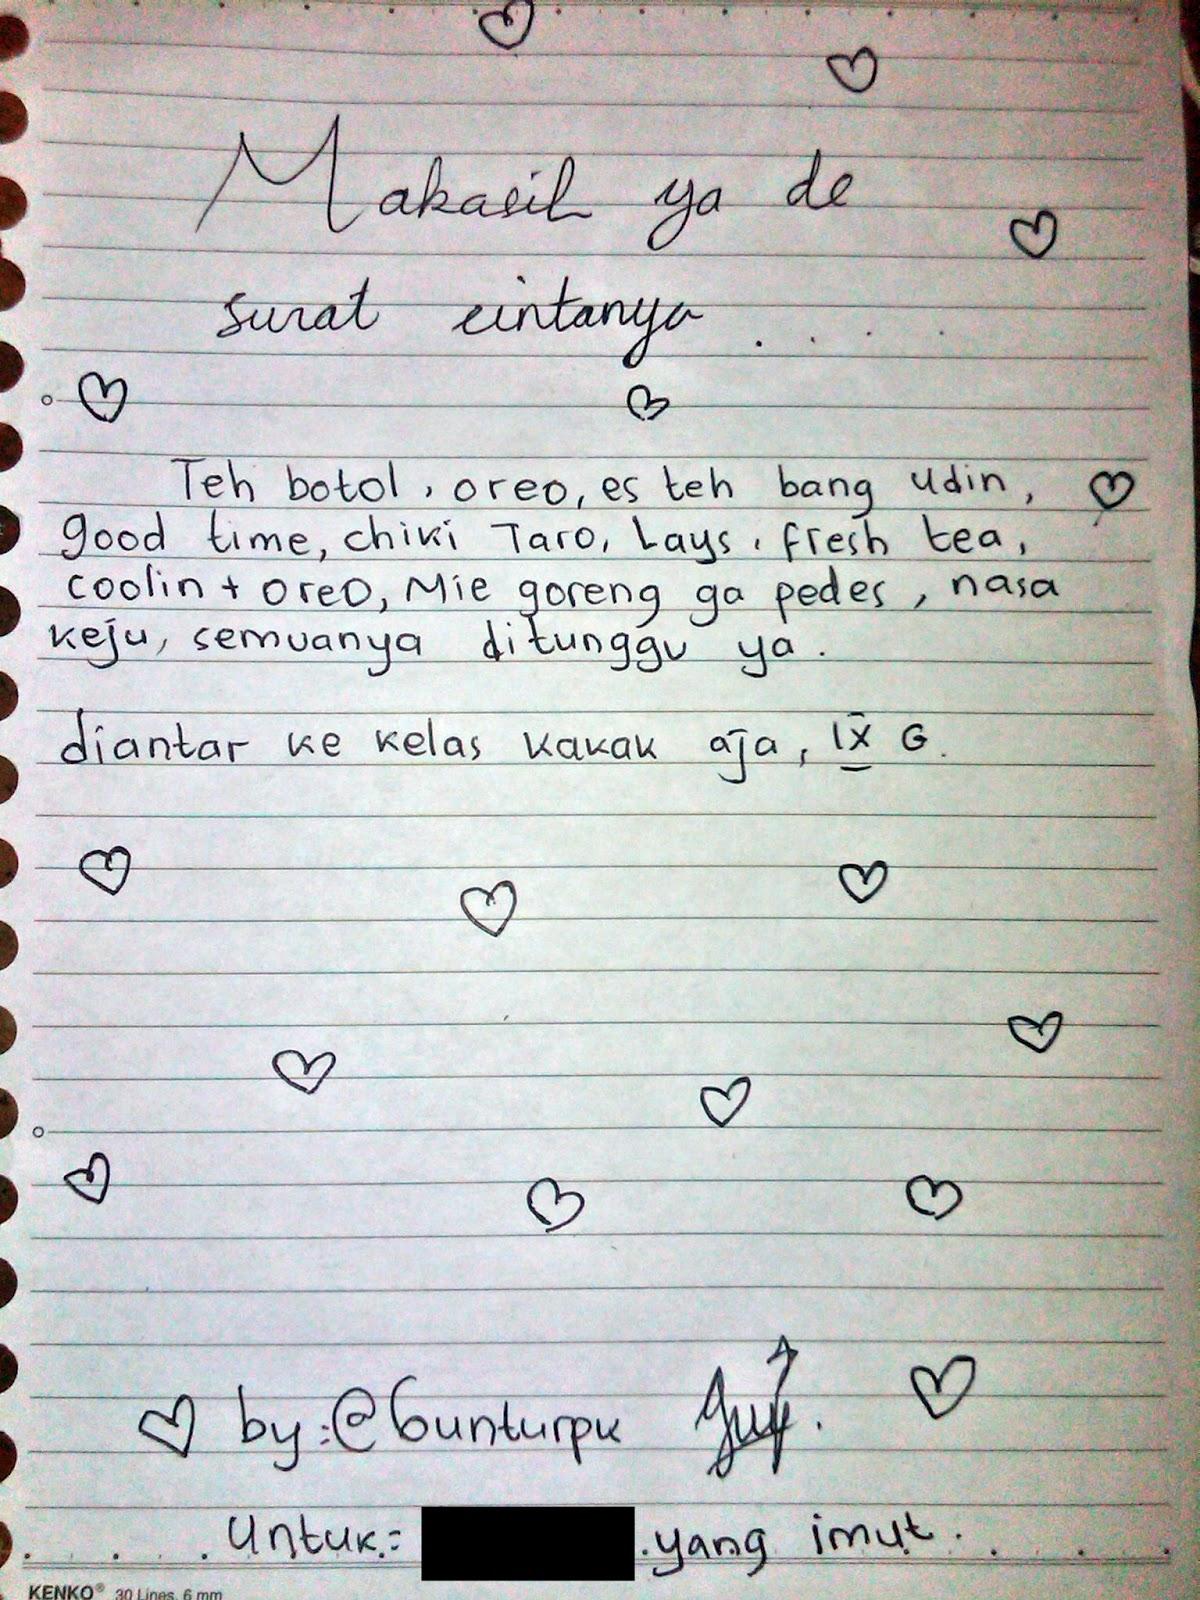 Surat Cinta Singkat Untuk Kakak Kelas : surat, cinta, singkat, untuk, kakak, kelas, Contoh, Surat, Cinta, Untuk, Kakak